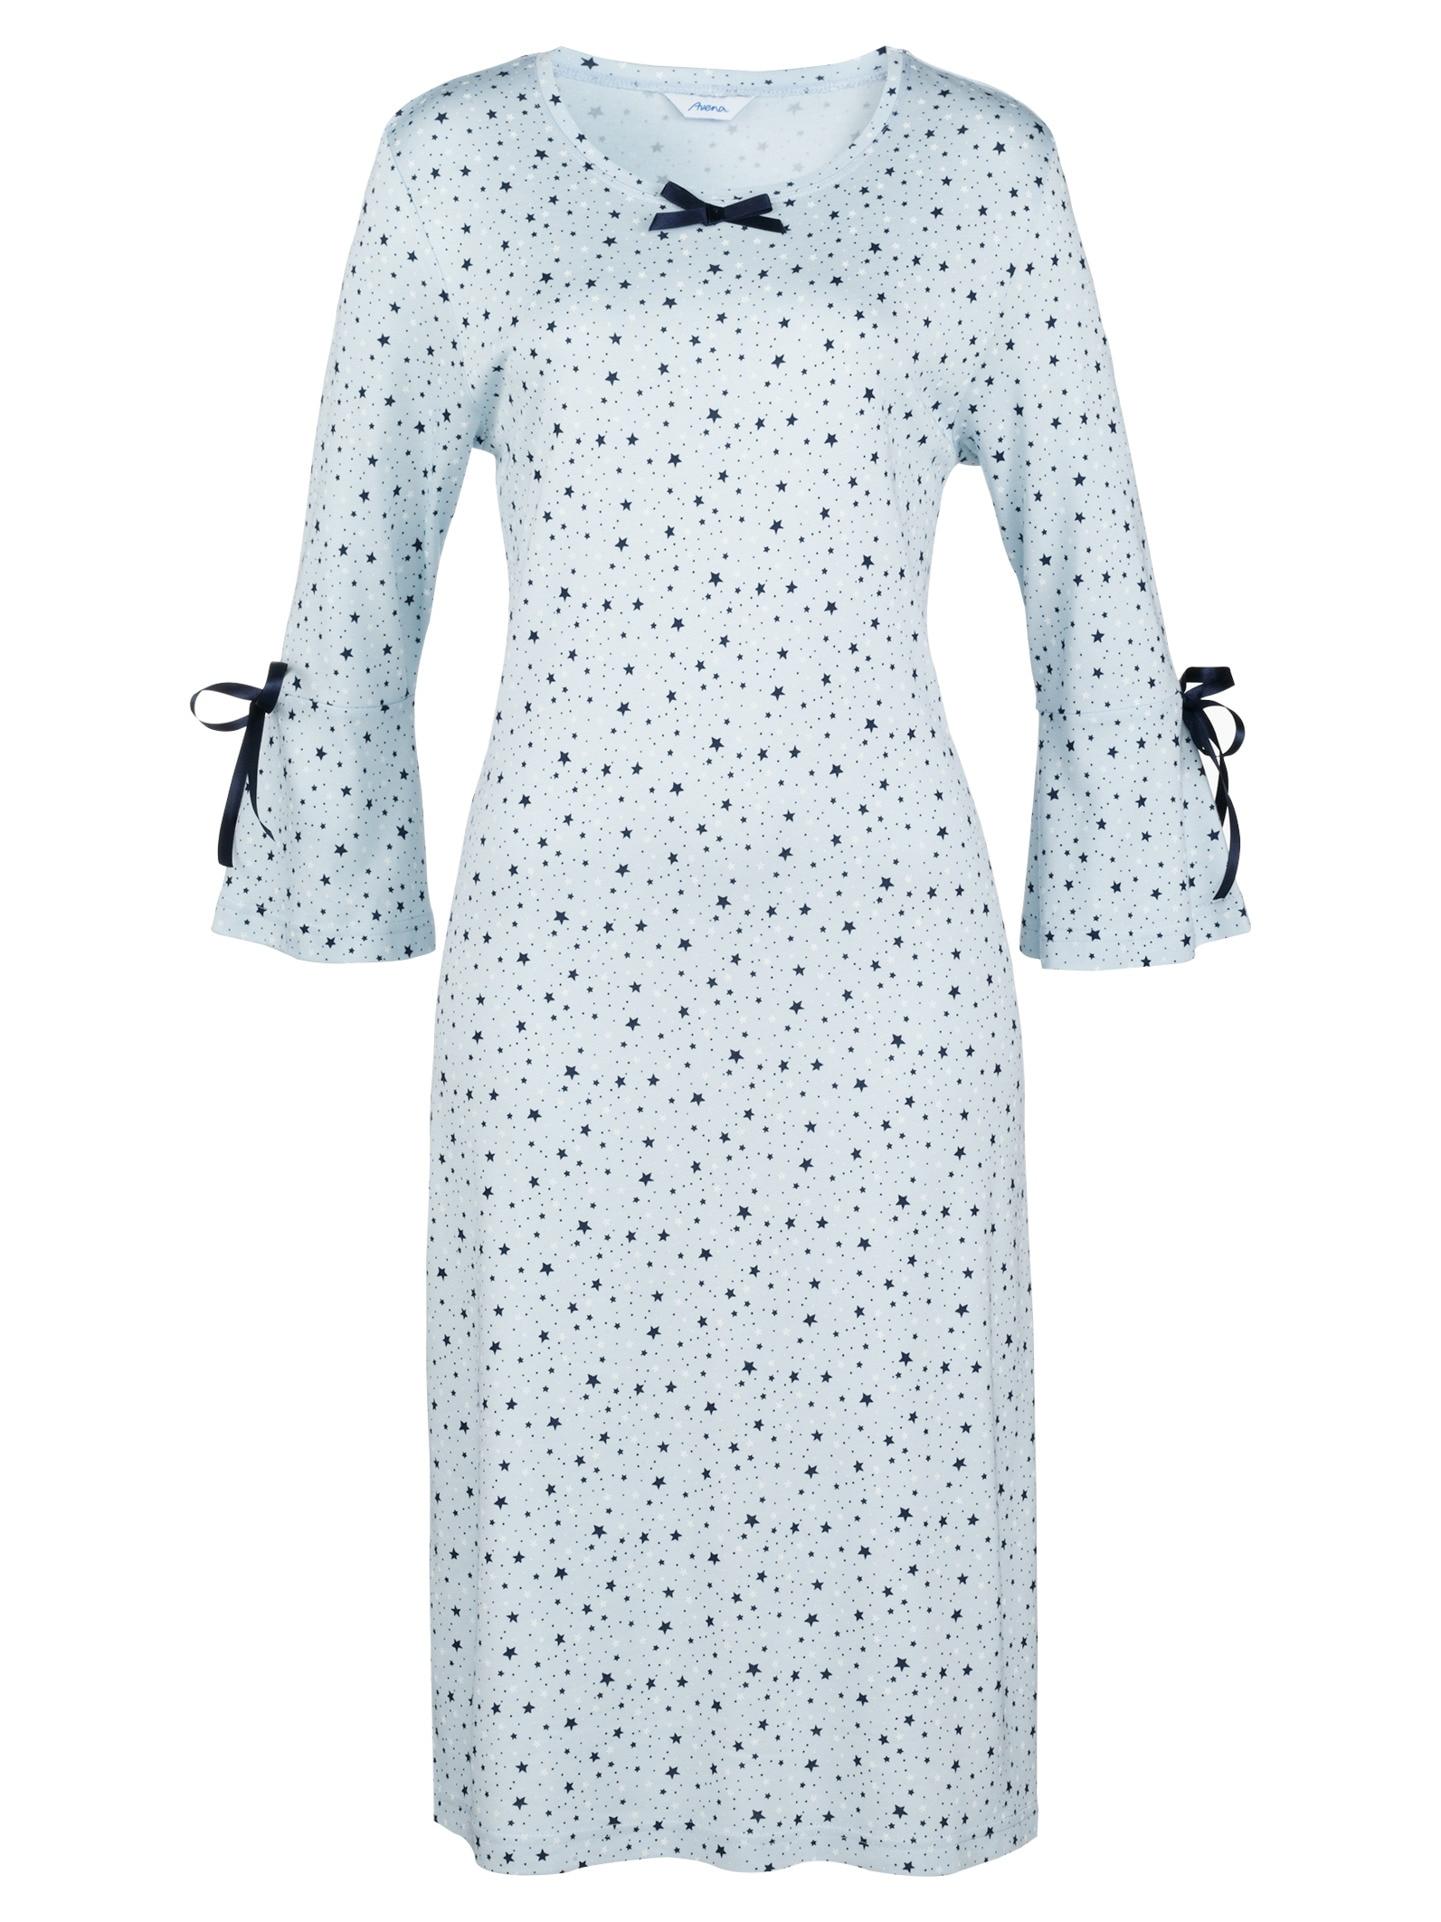 Avena Damen Thermosoft-Nachthemd Sterne Hellblau 42-6176-2